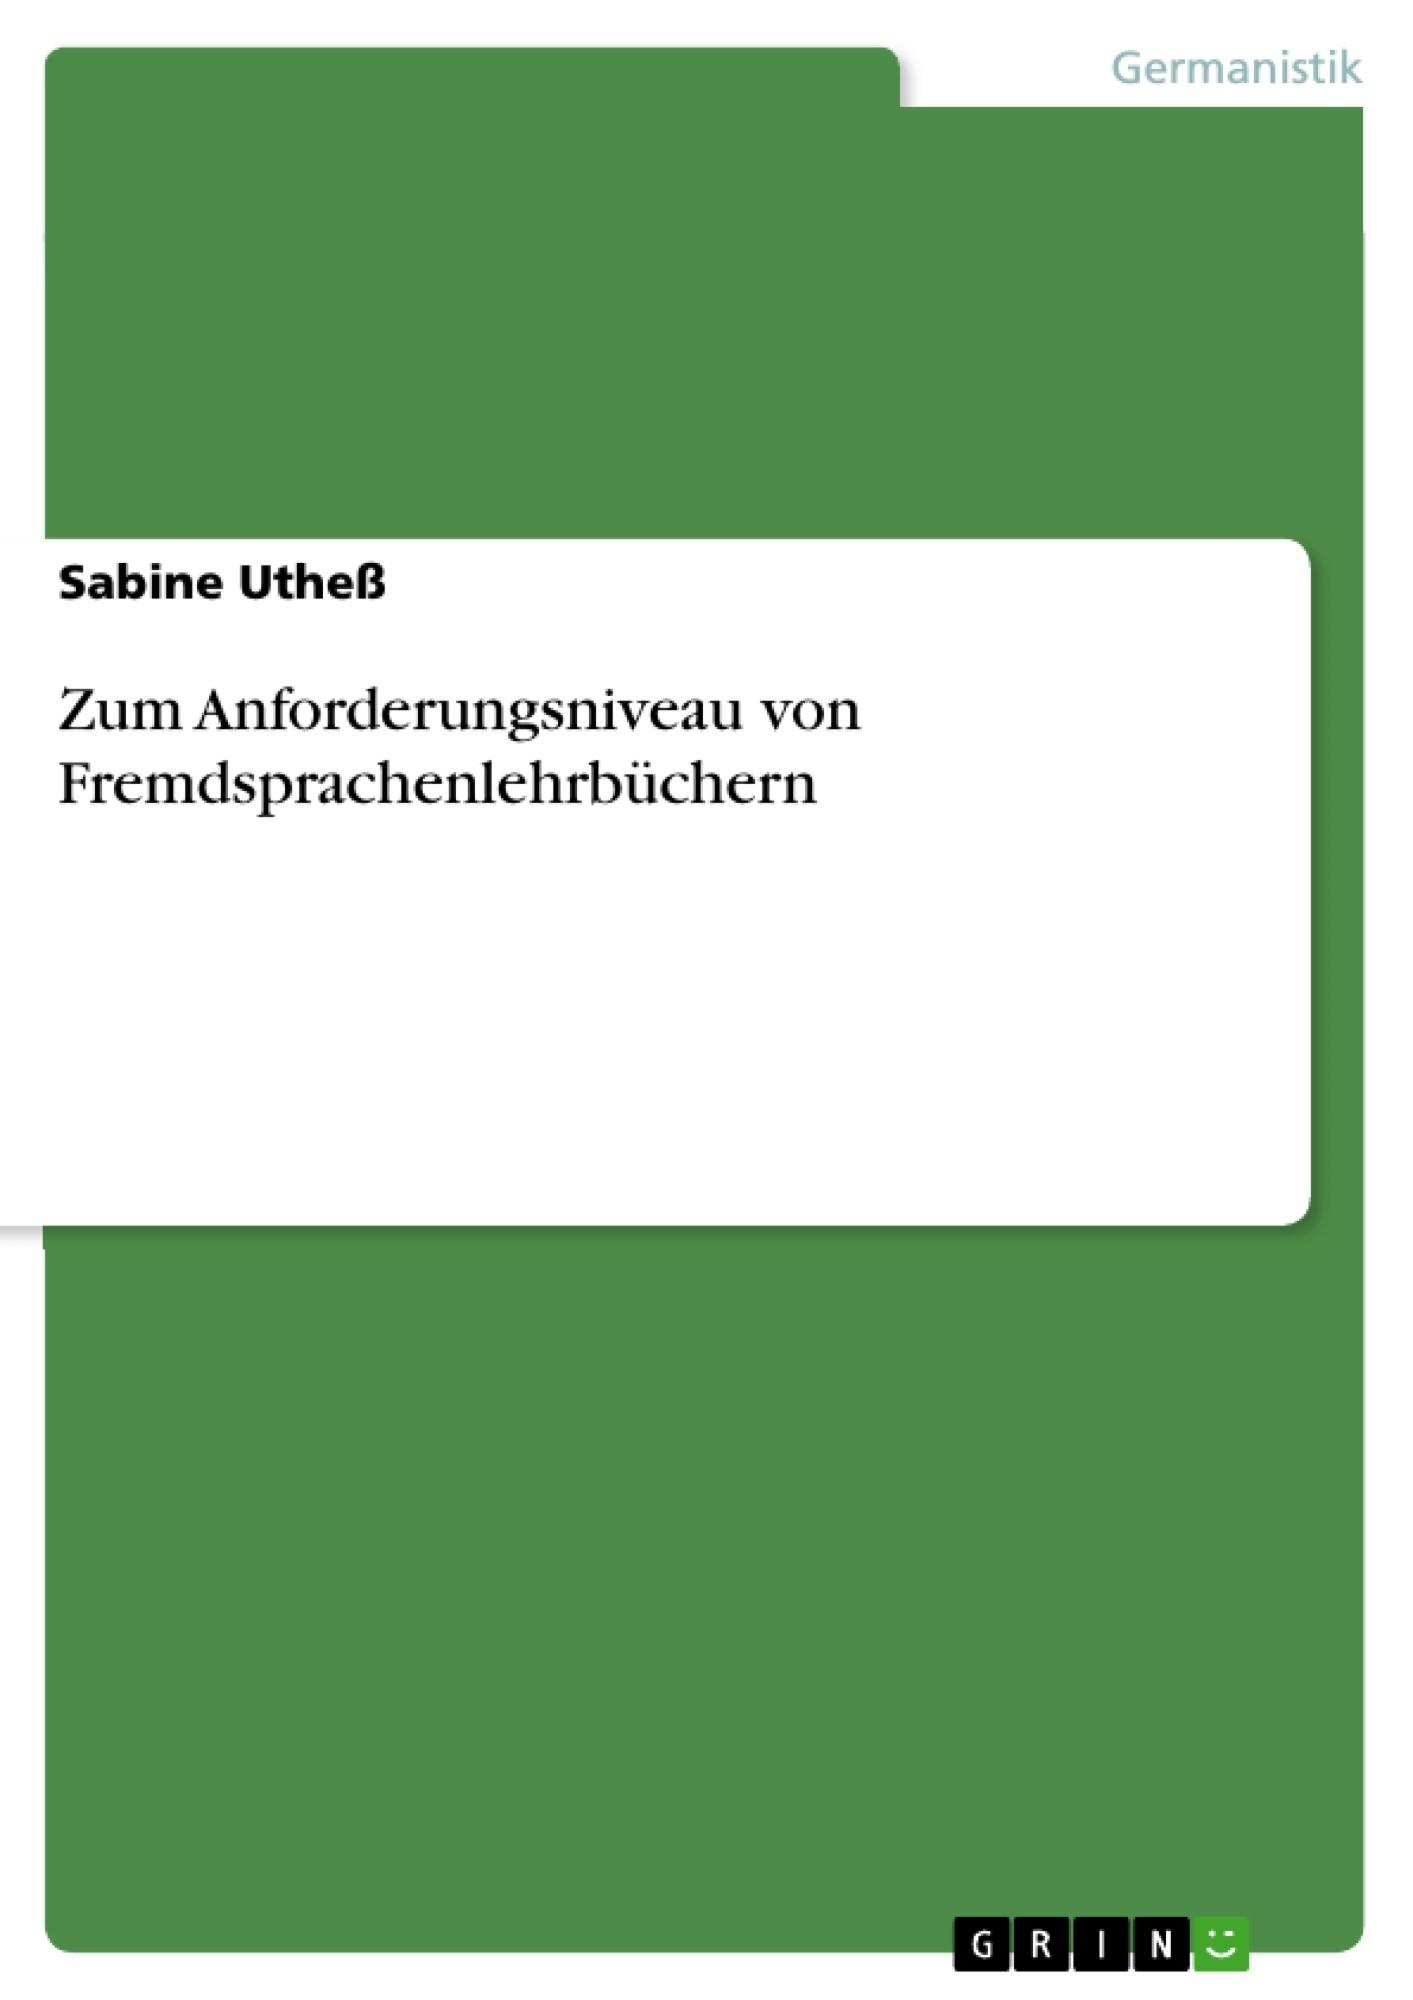 Titel: Zum Anforderungsniveau von Fremdsprachenlehrbüchern